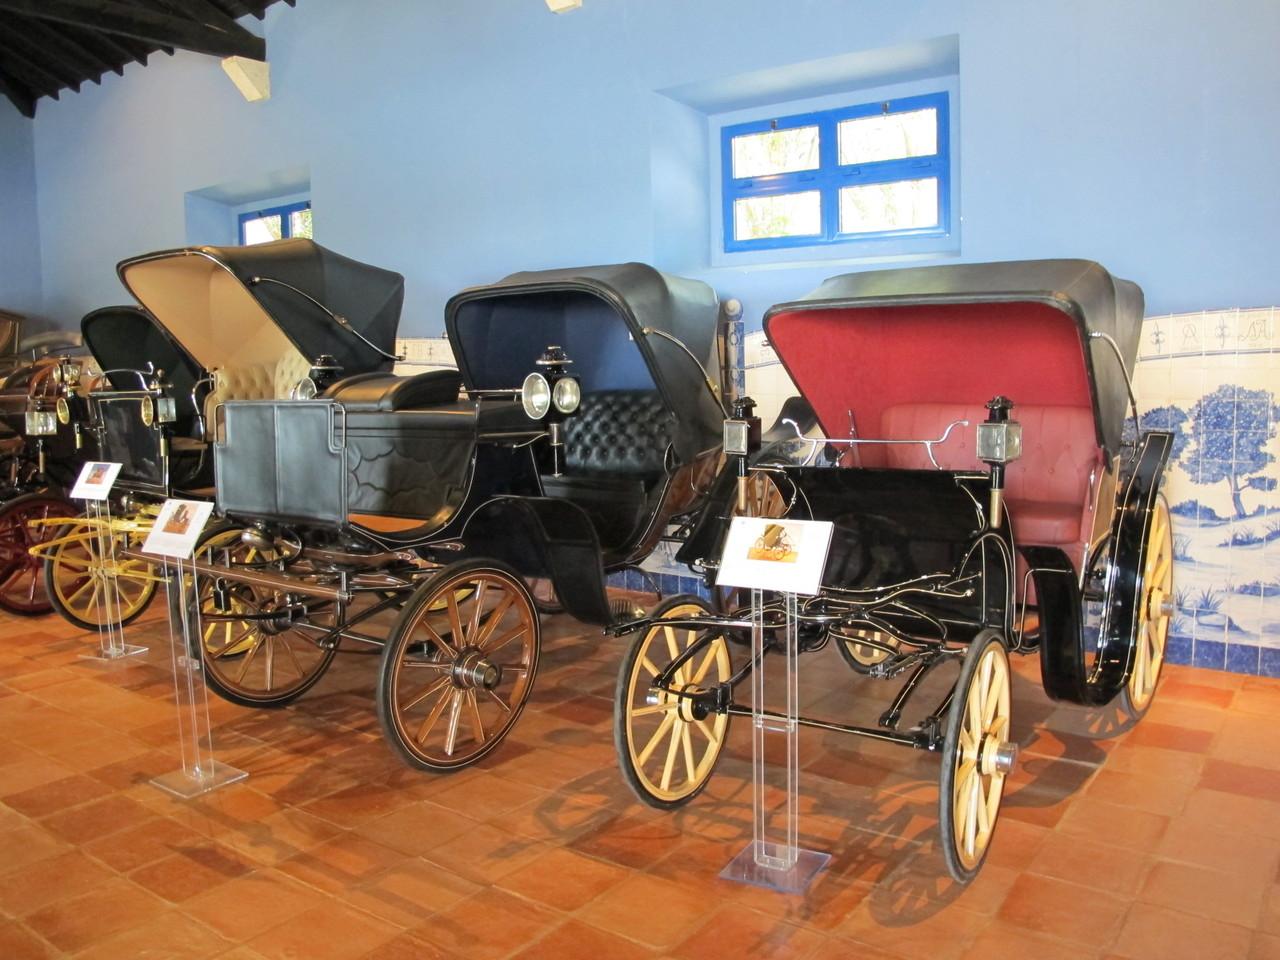 Museu de Atrelagens